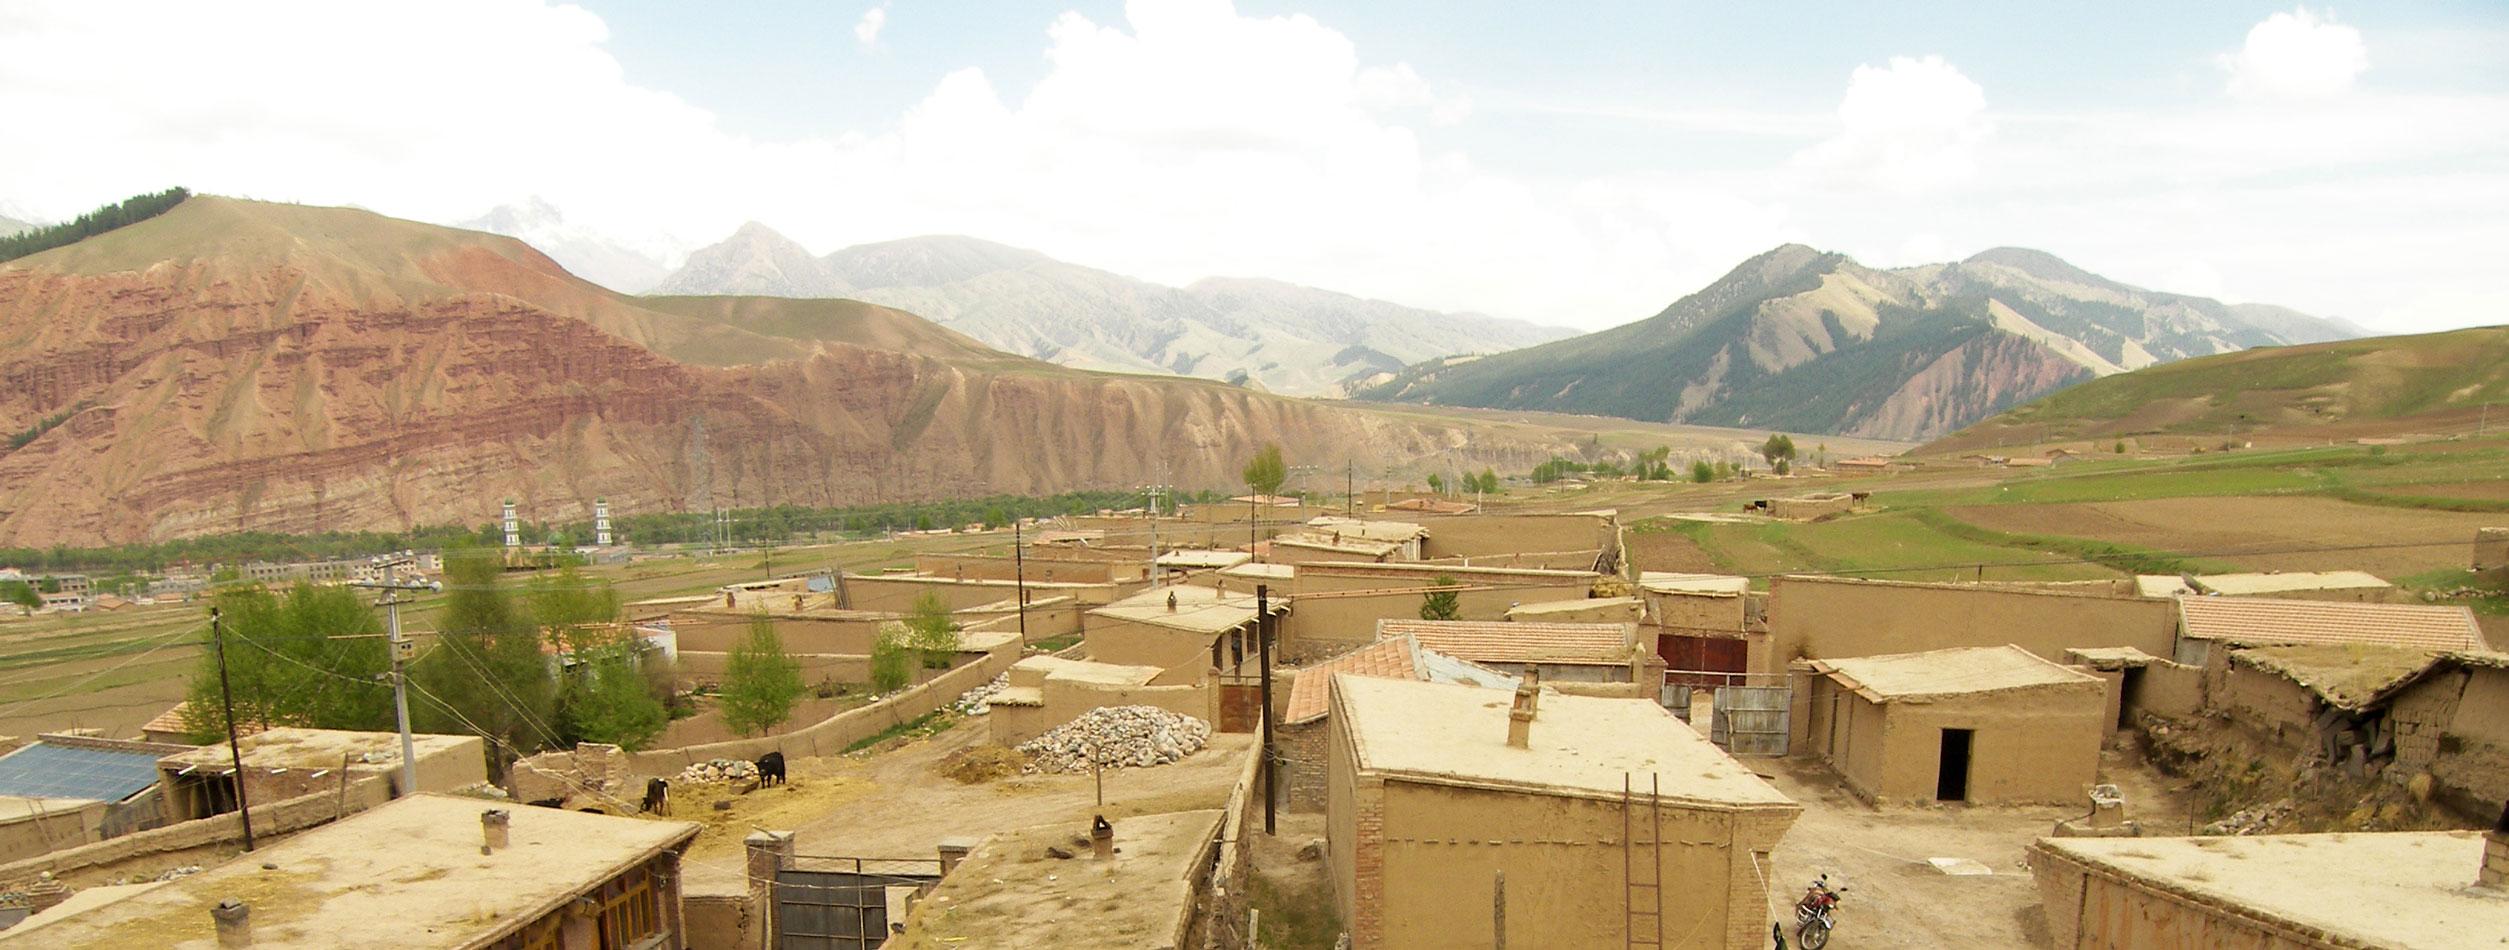 Qilian_Qinghai_2_sm